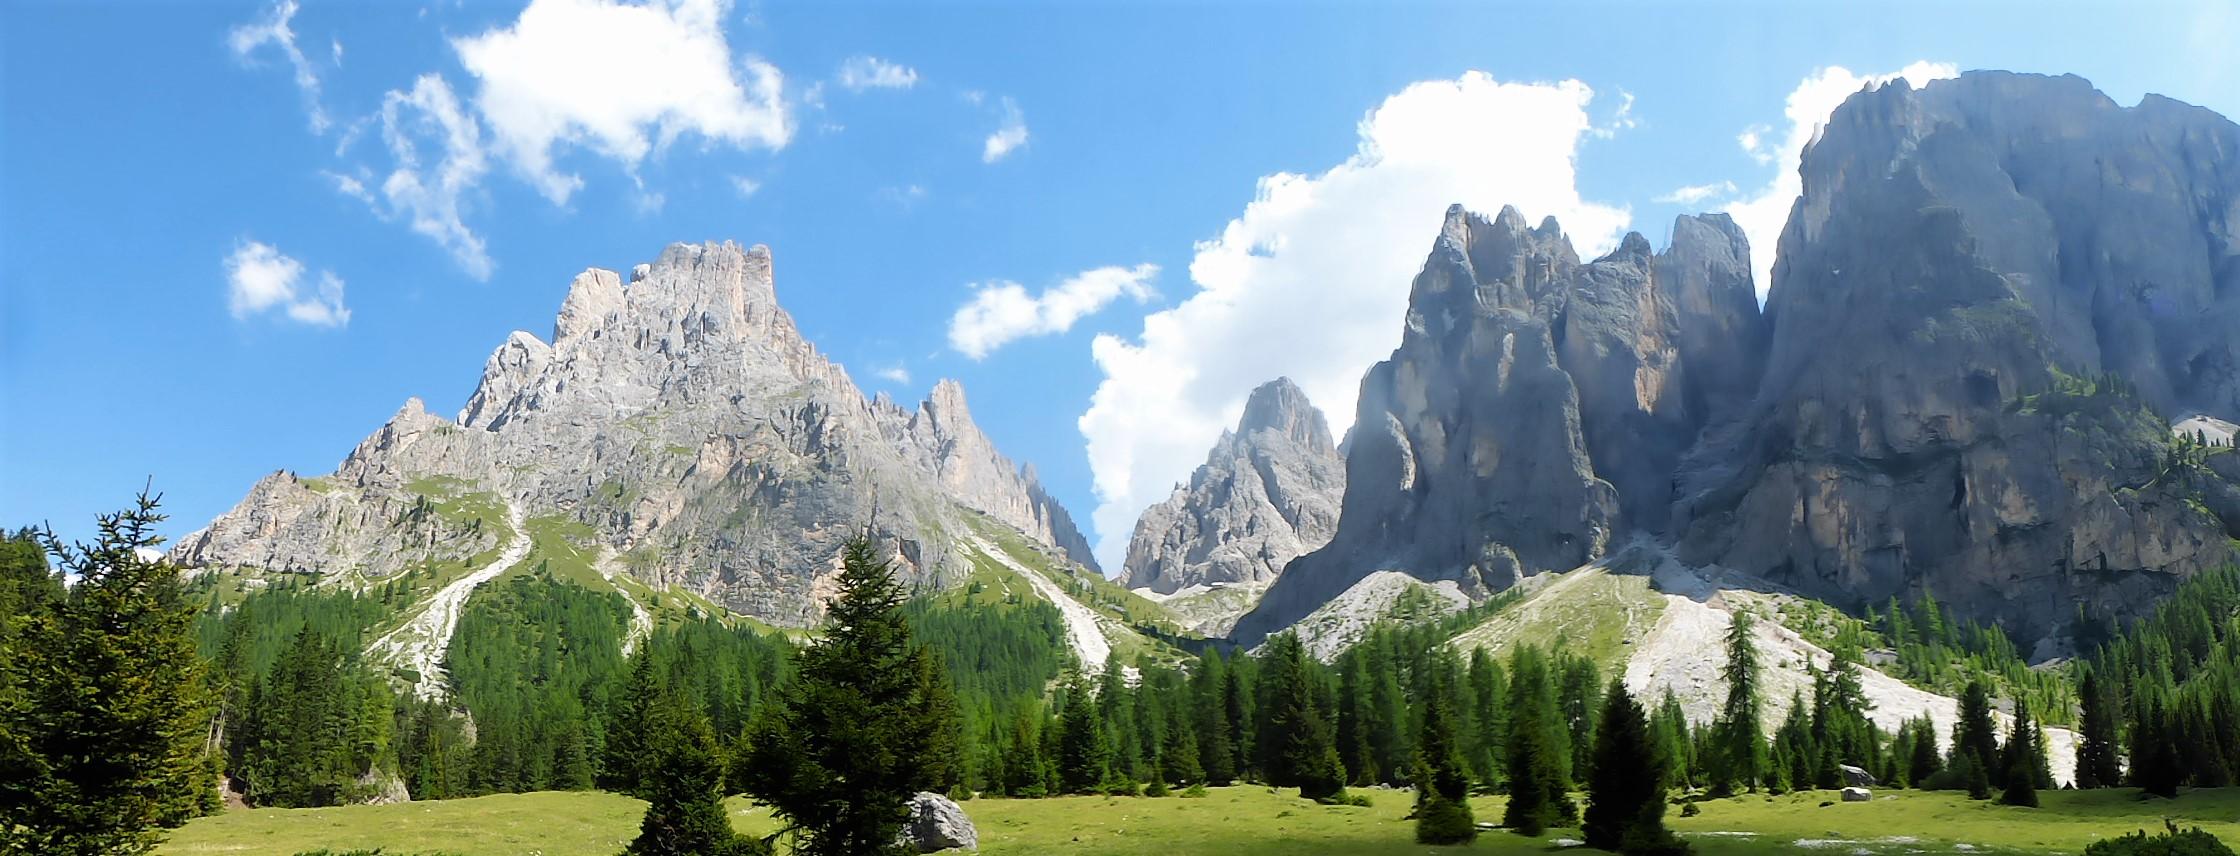 Ortisei ,Dolomites  - Photo: Richard Wax